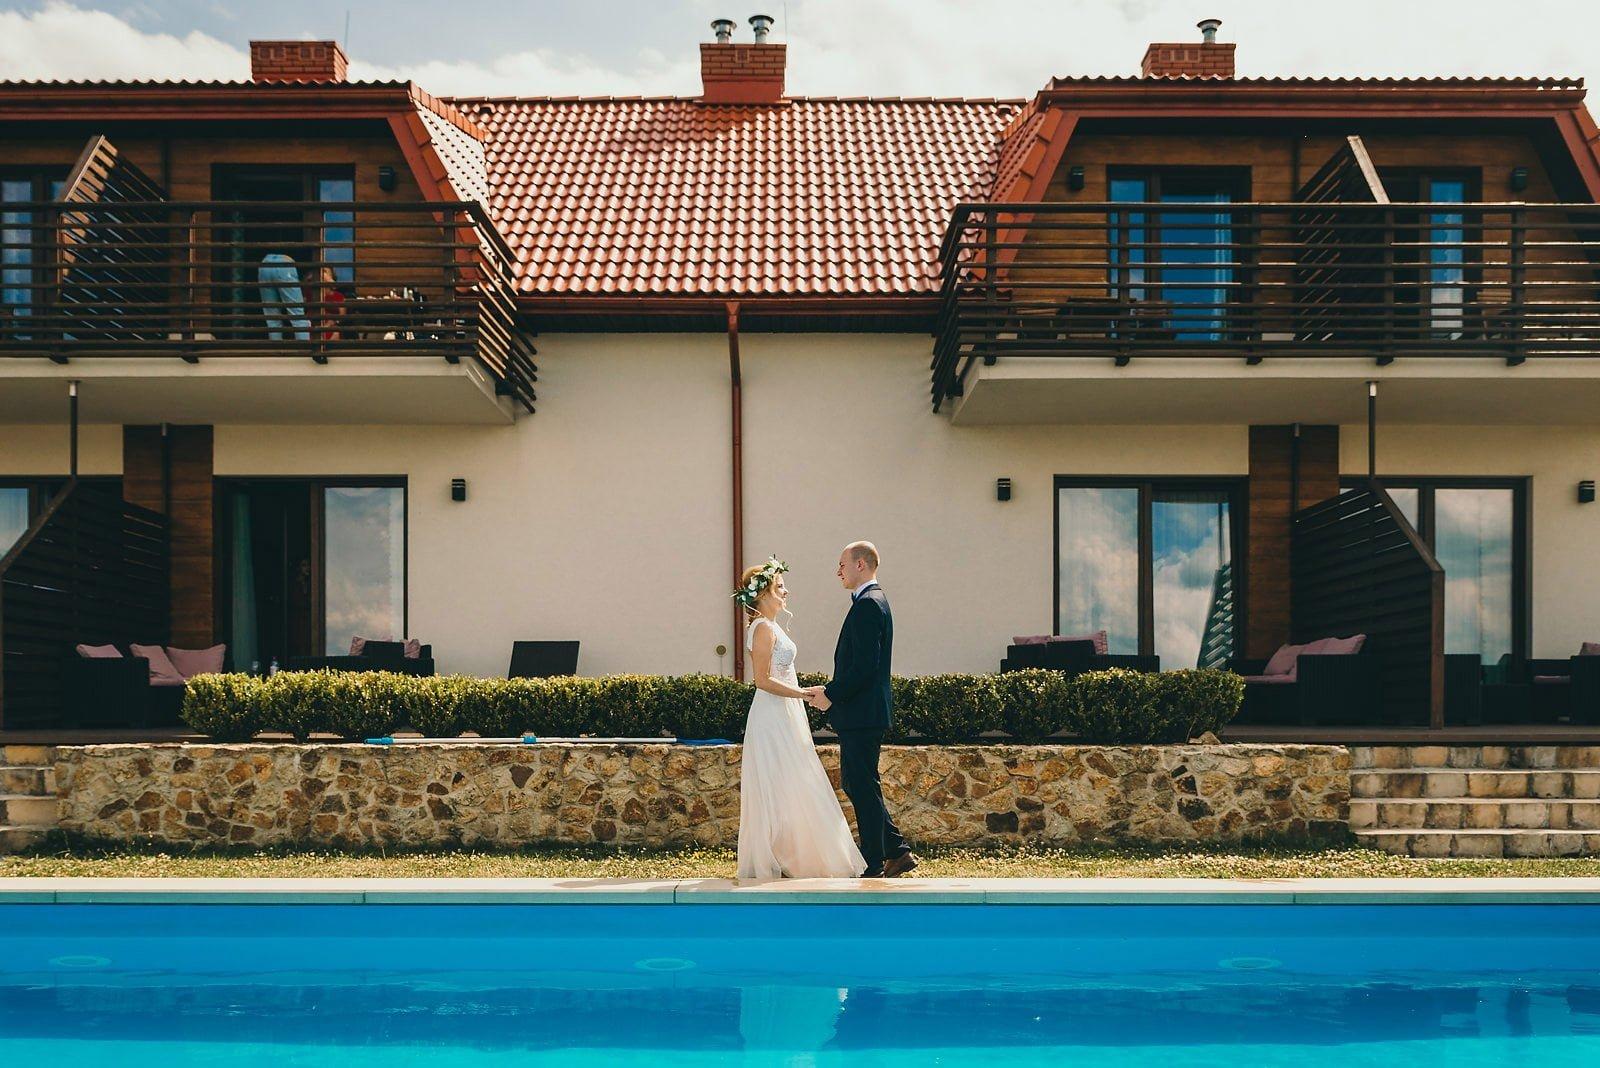 Justyna i Szymon - plenerowy ślub w stylu boho 13